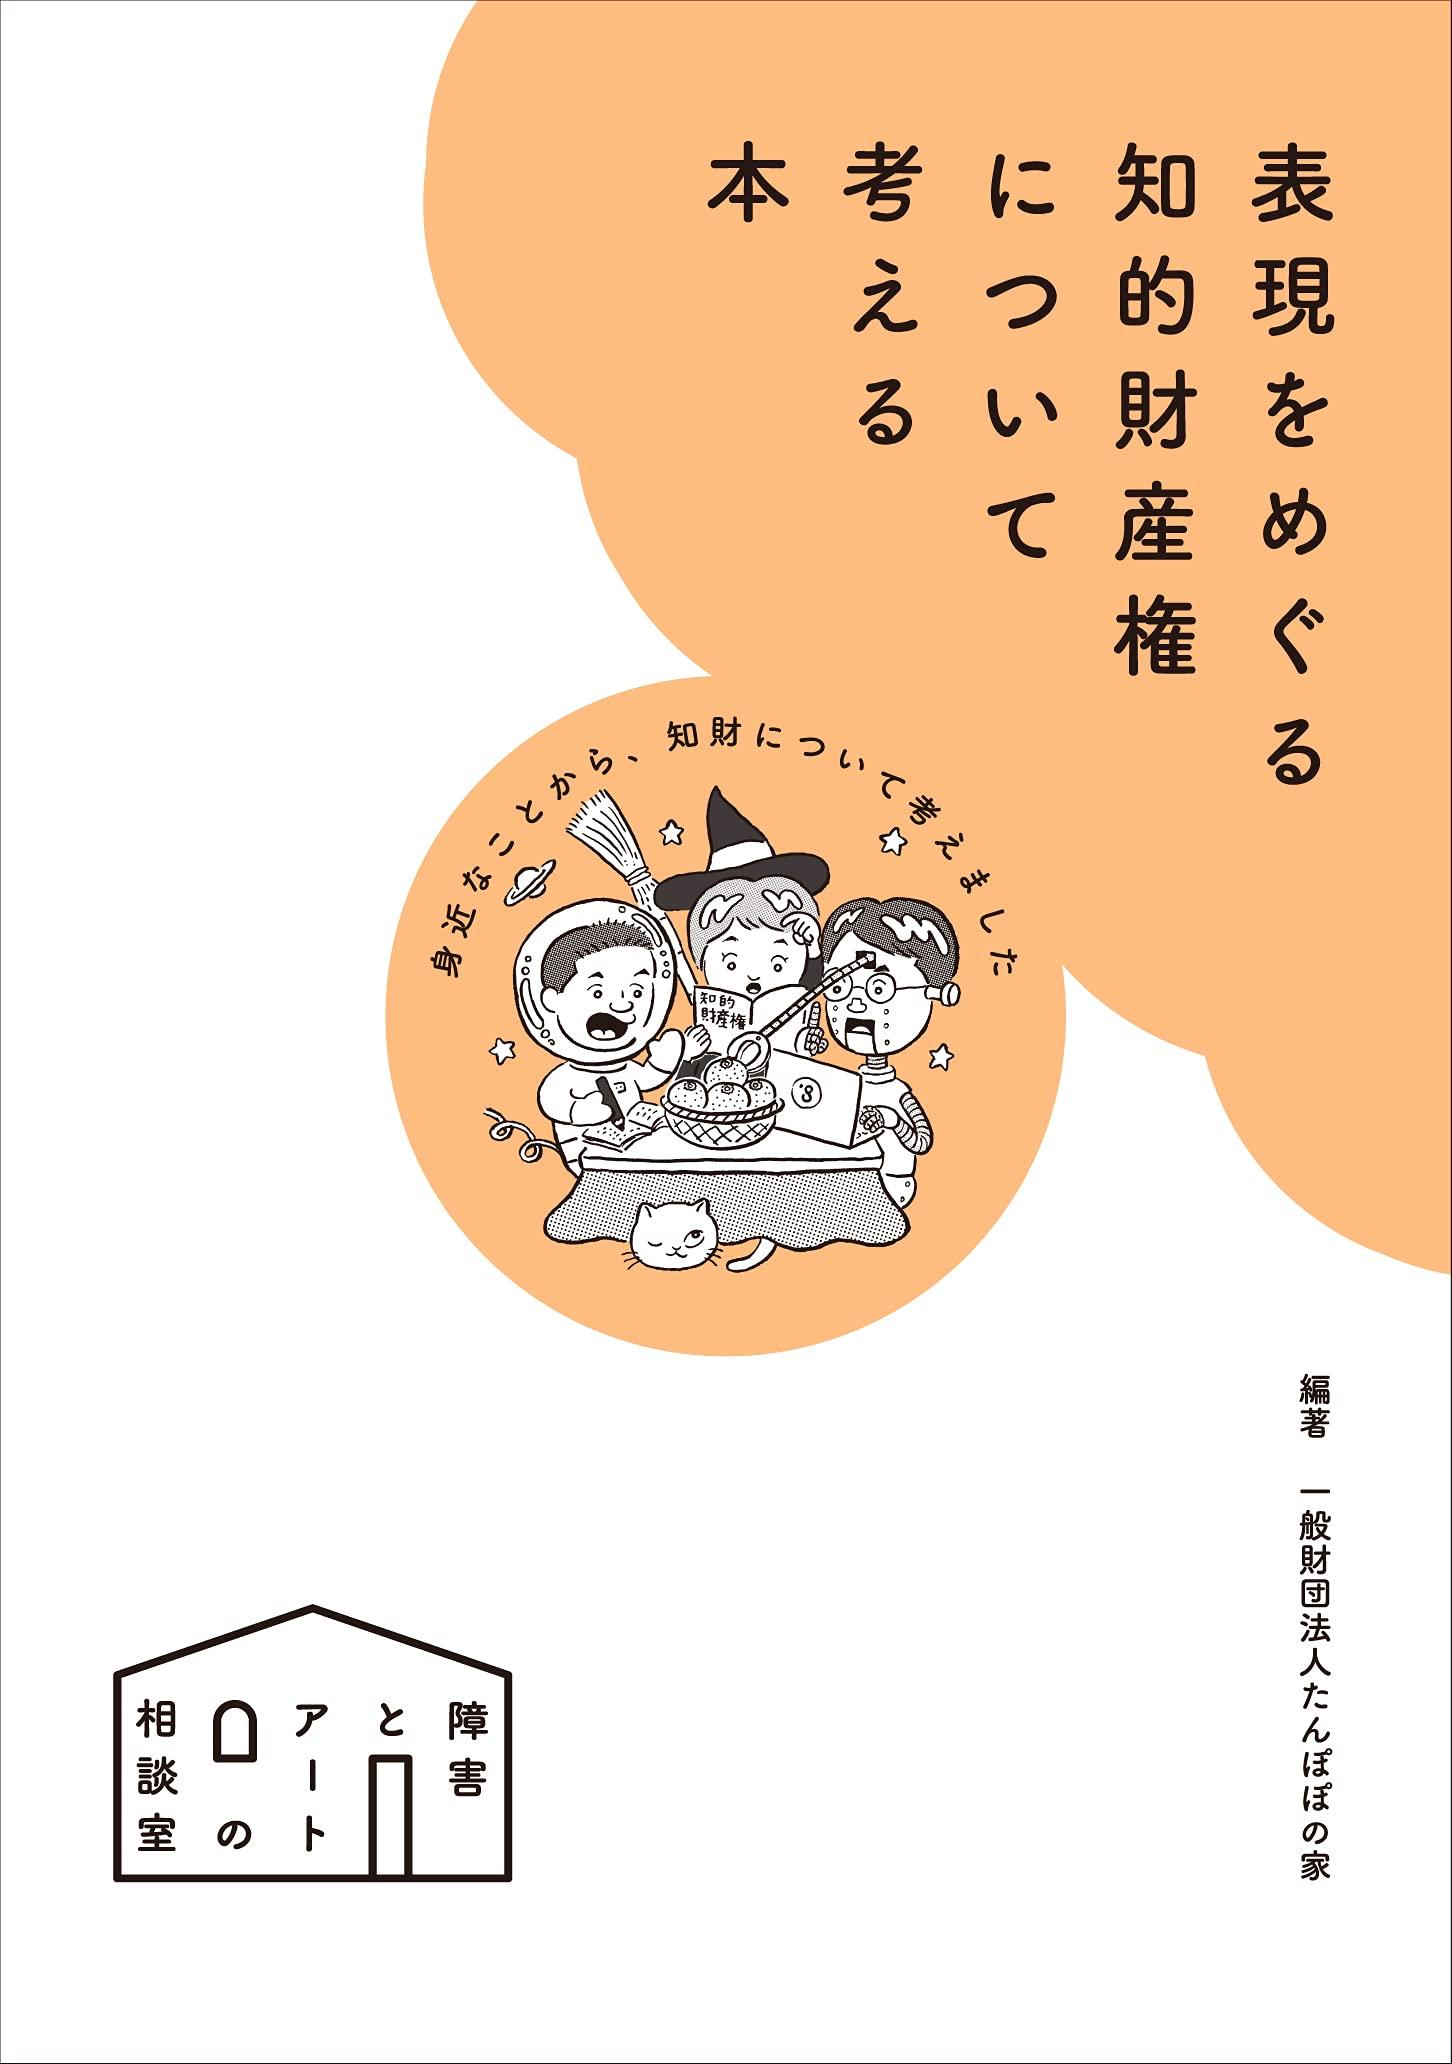 「表現をめぐる知的財産権について考える本」制作協力